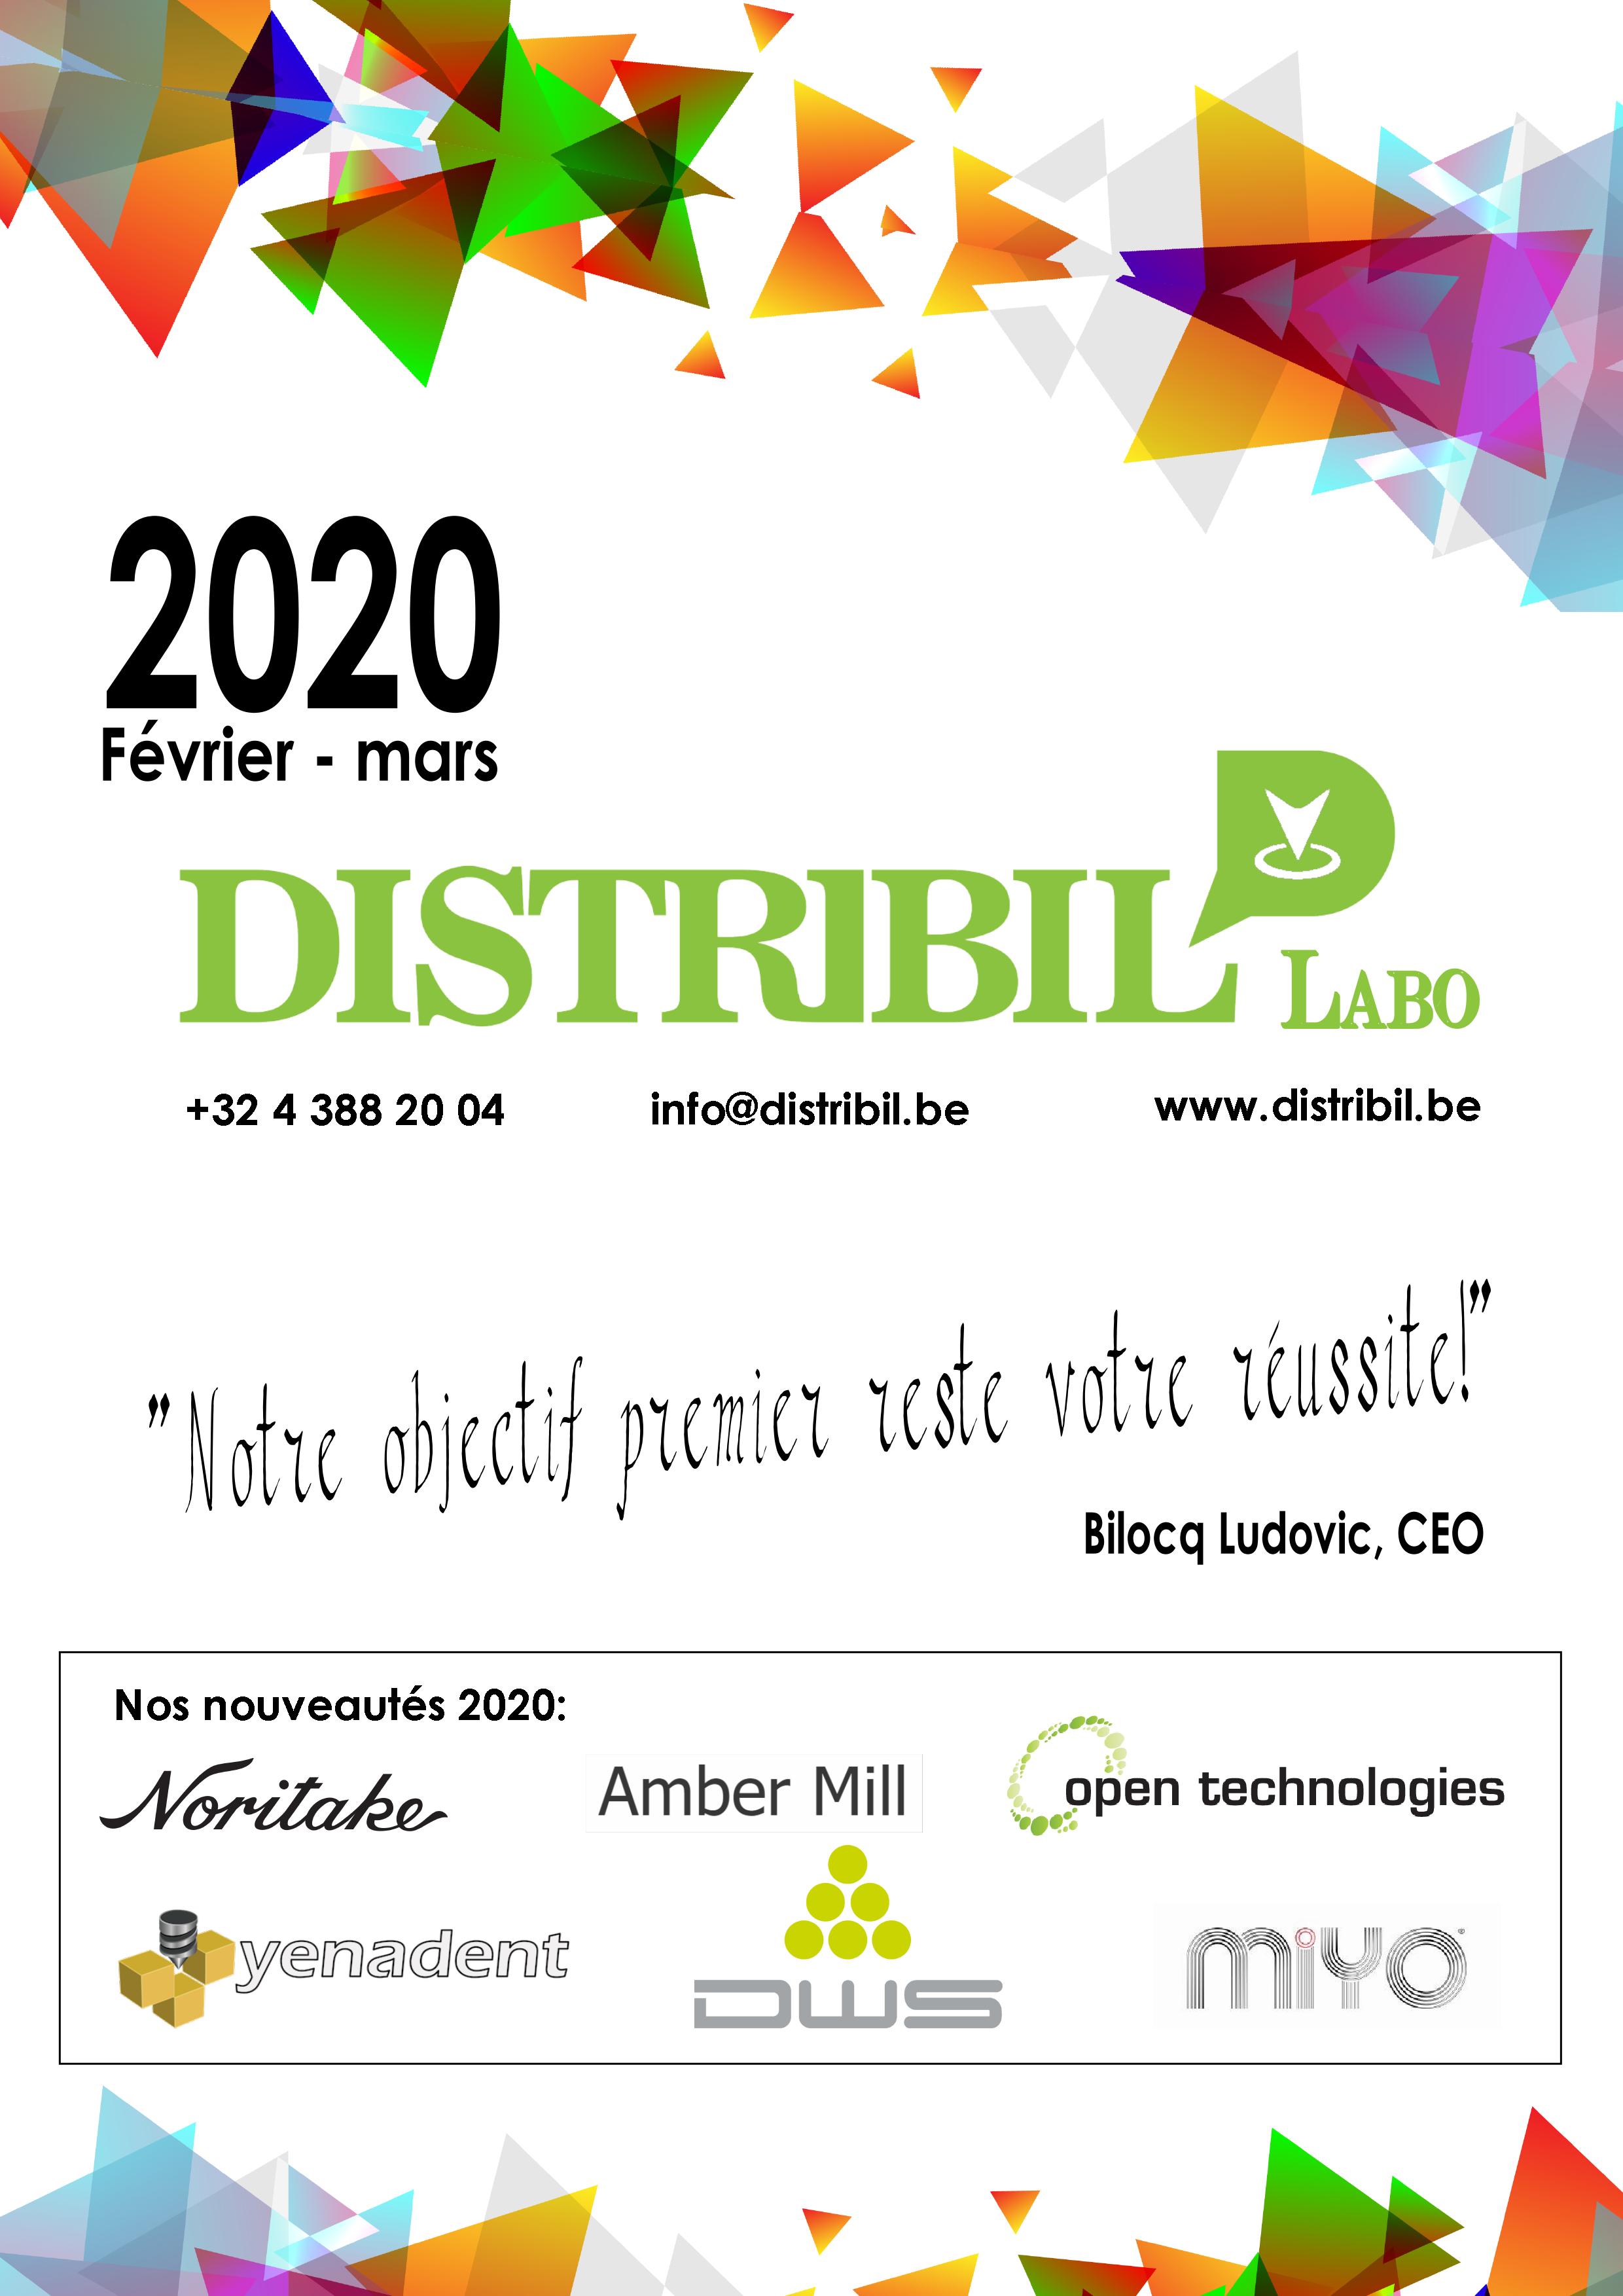 Distrimaglabo2020.png